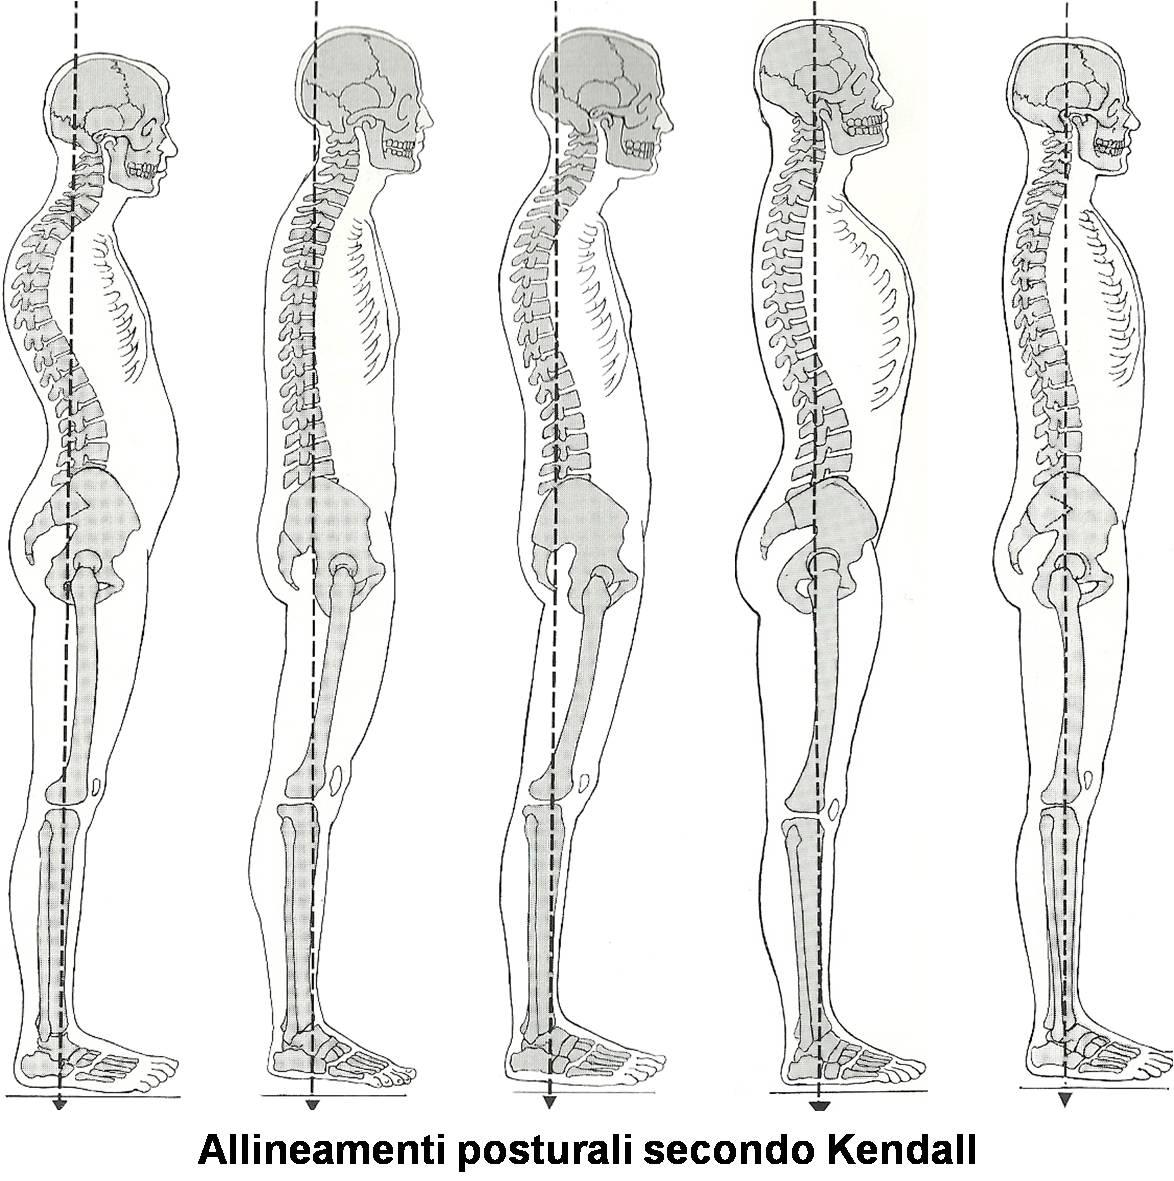 Allineamenti posturali